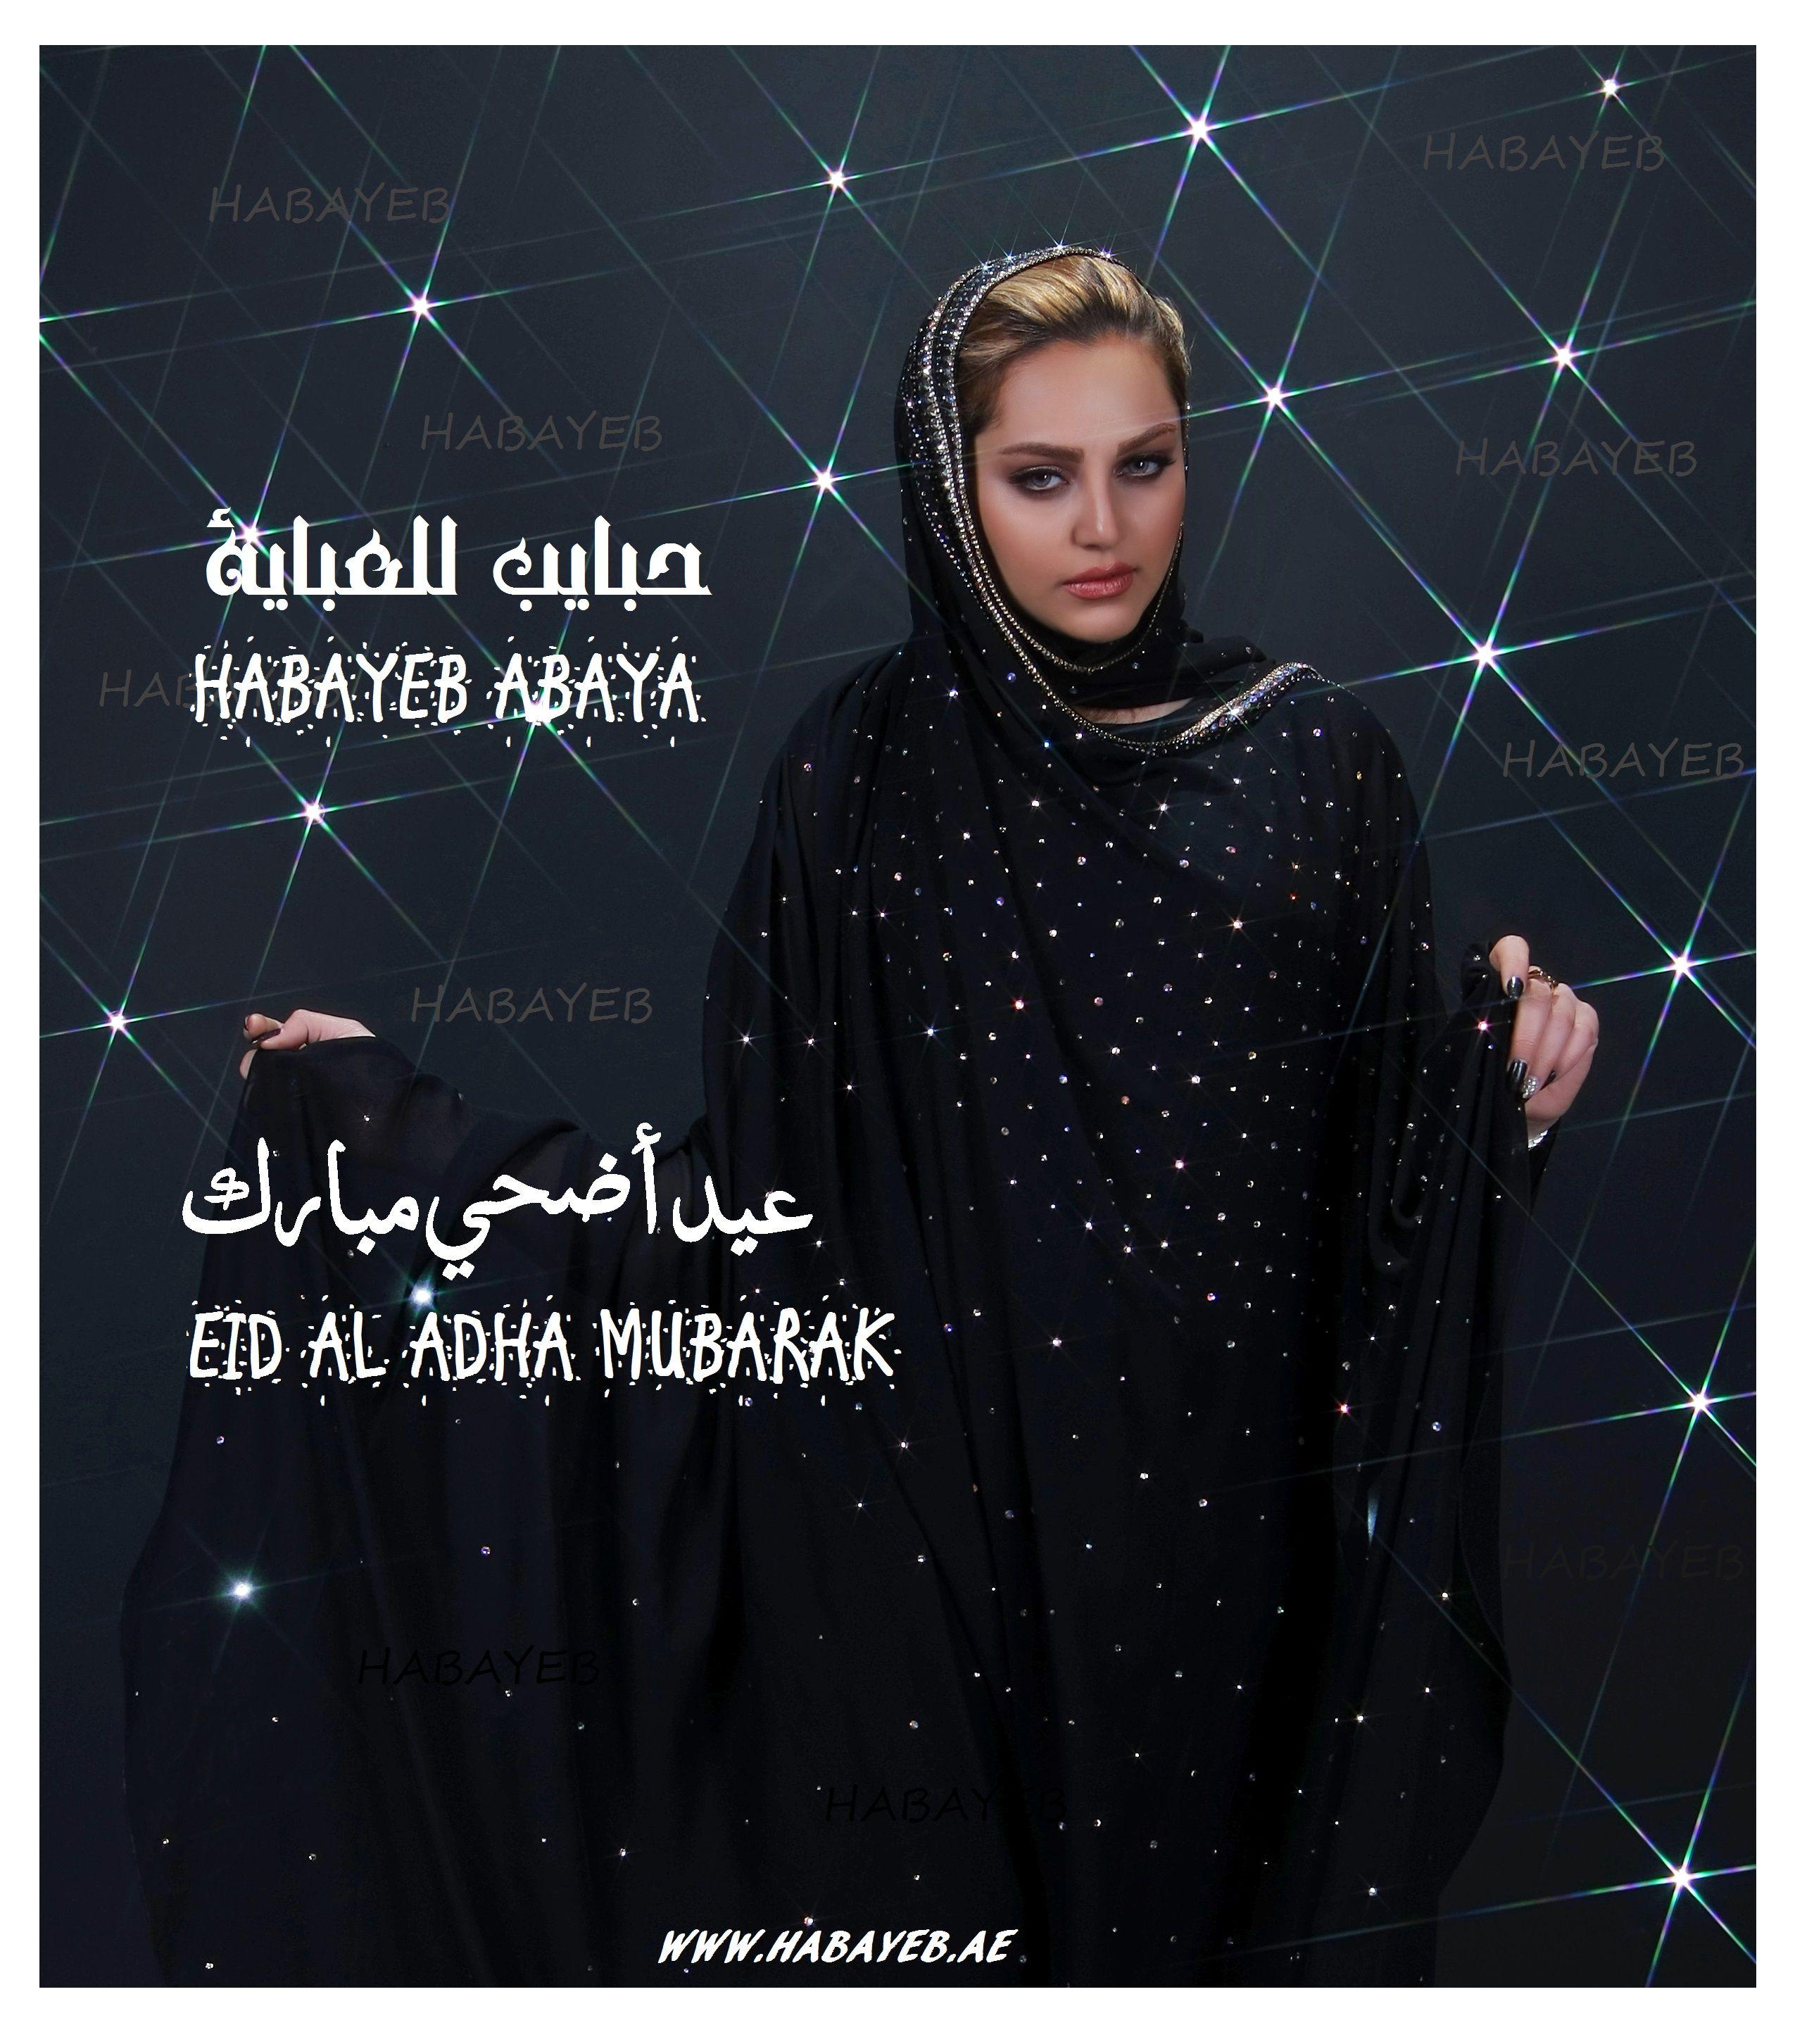 Eid Ul Adha Mubarak Adha Mubarak Eid Ul Adha Eid Al Adha